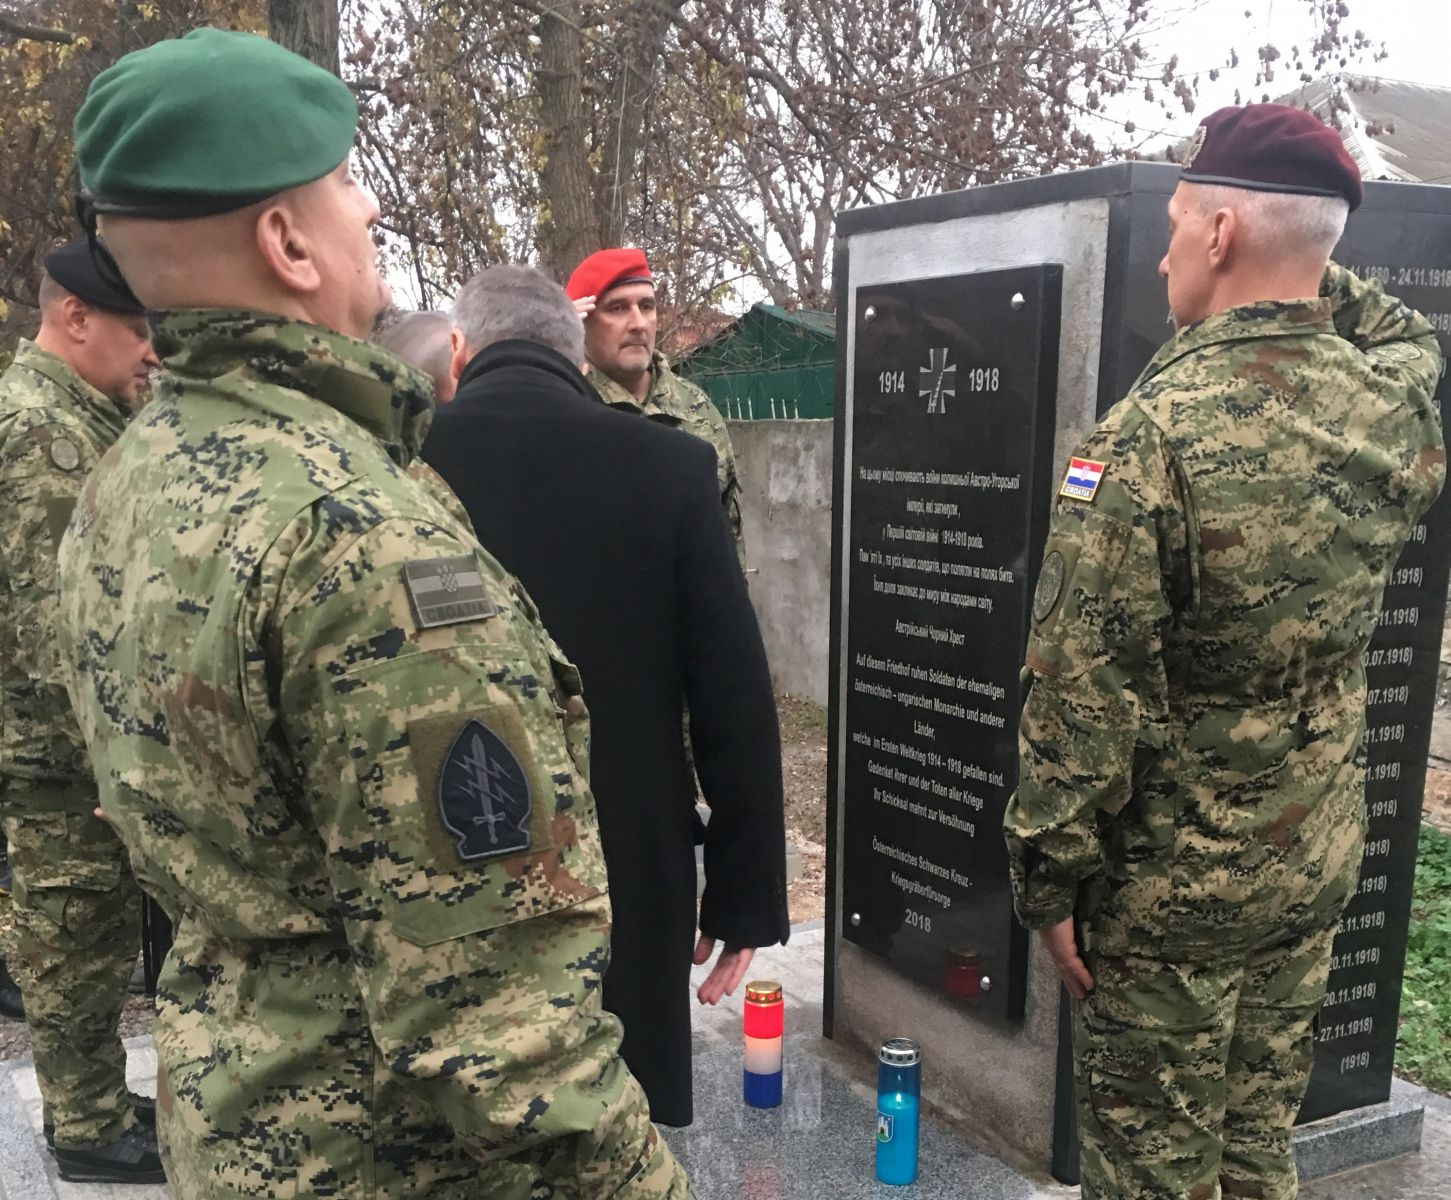 Истории возвращены имена хорватских солдат, павших в Великой войне. К визиту делегации Республики Хорватия в Одессу